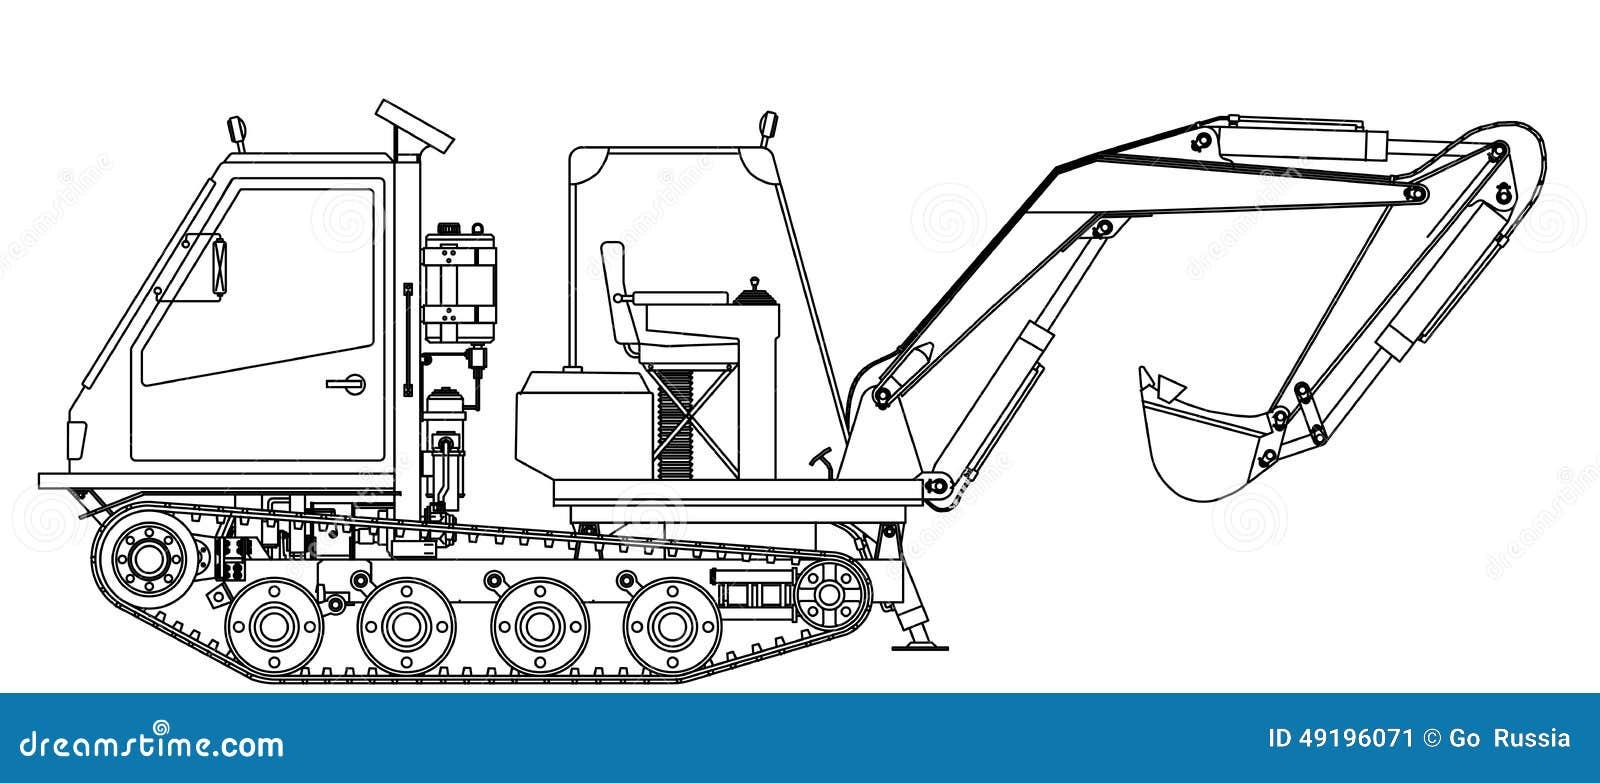 diagram of a robotic arm